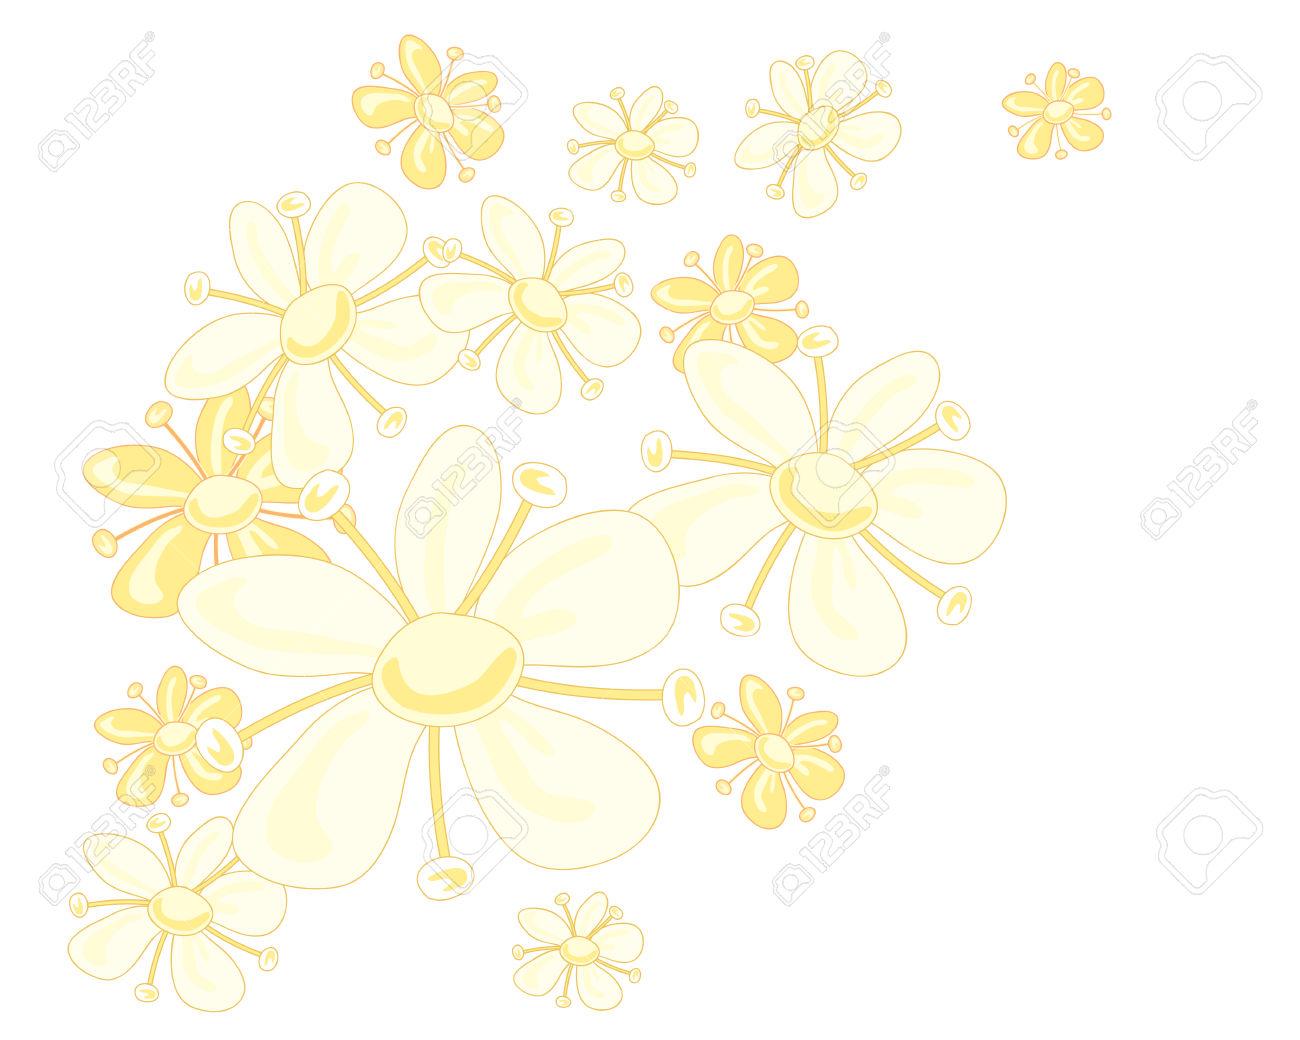 An Illustration Of A Stylized Elderflower Design In Pale Yellow.